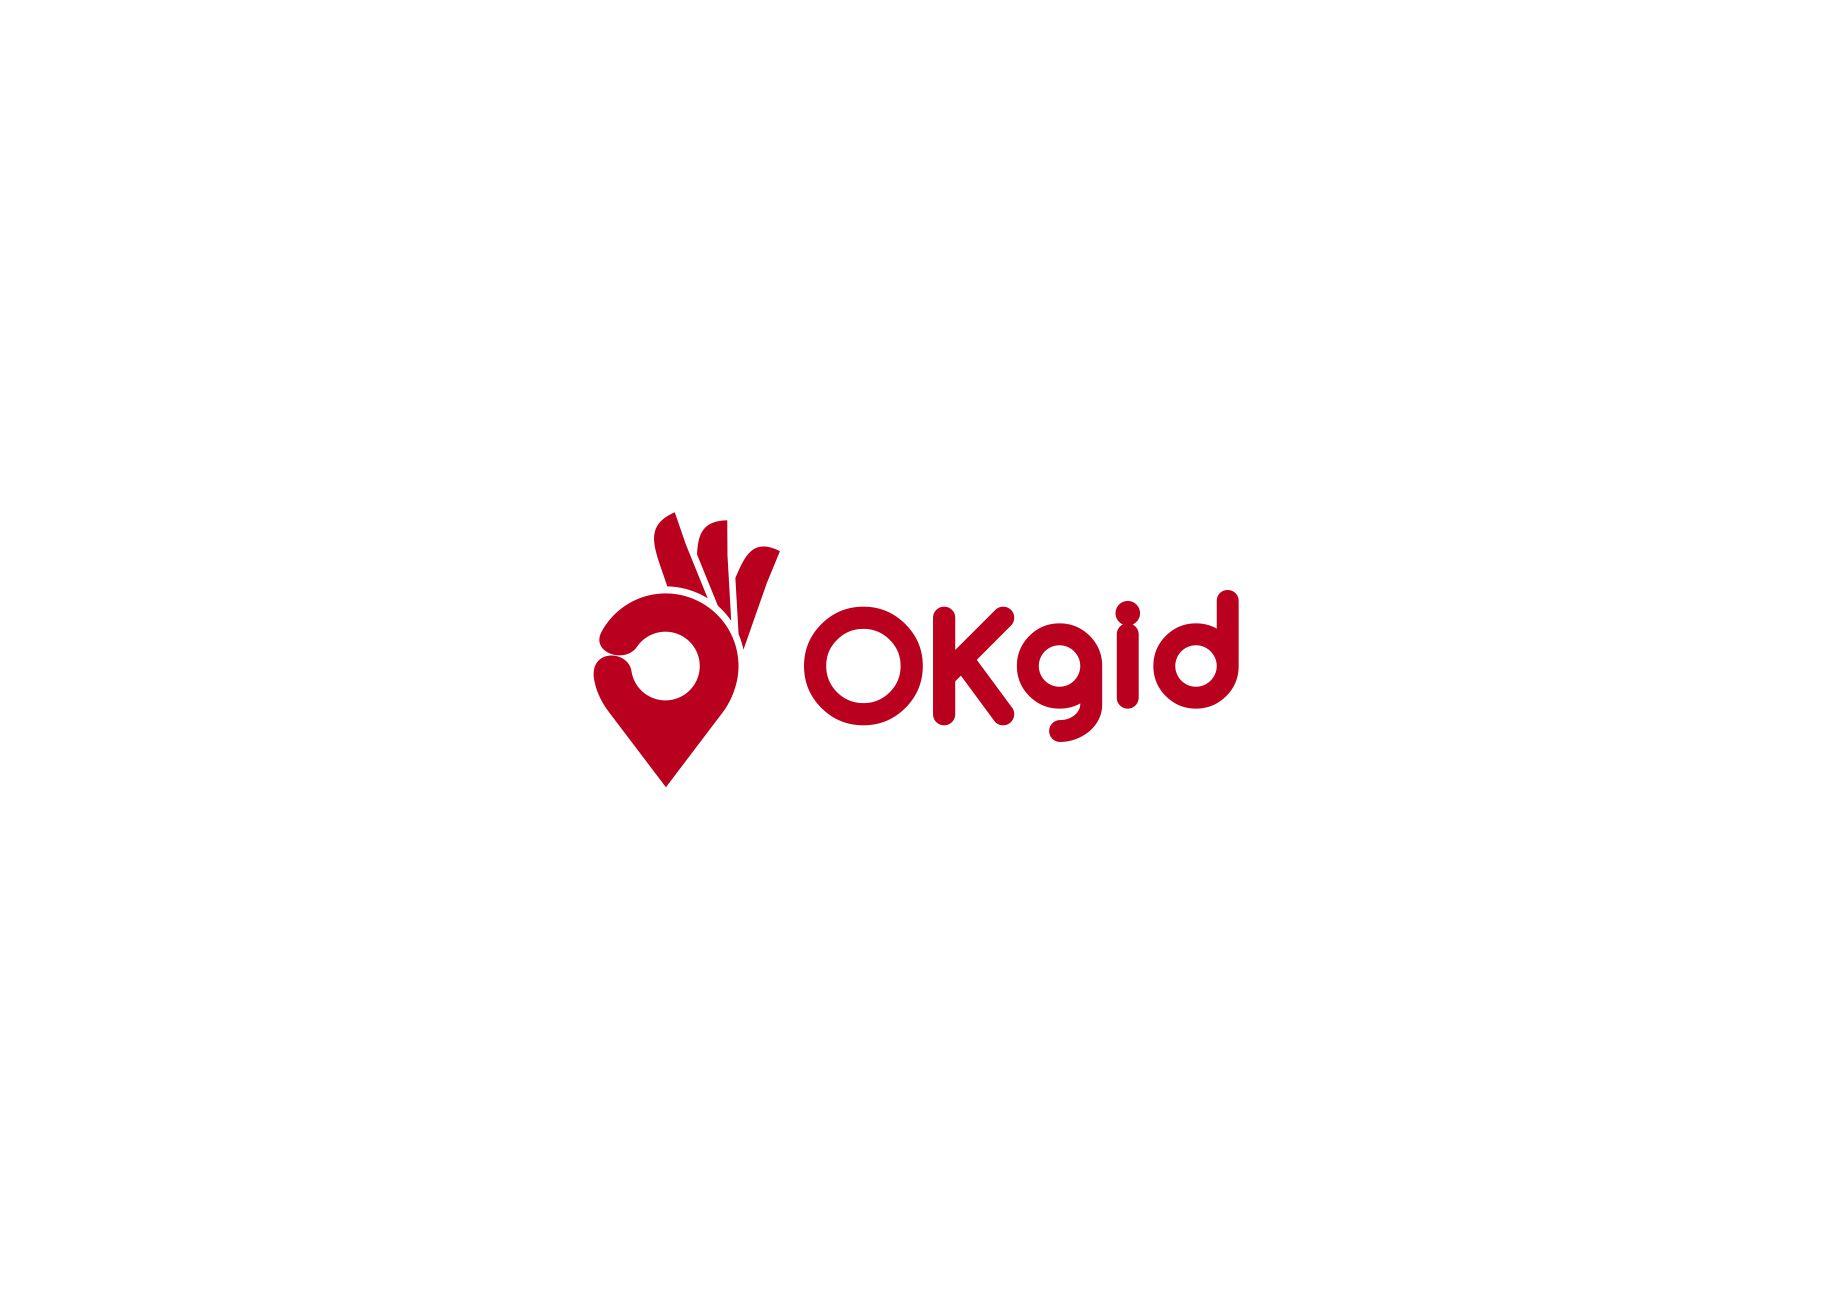 Логотип для сайта OKgid.ru фото f_85457c328a80f4dc.jpg